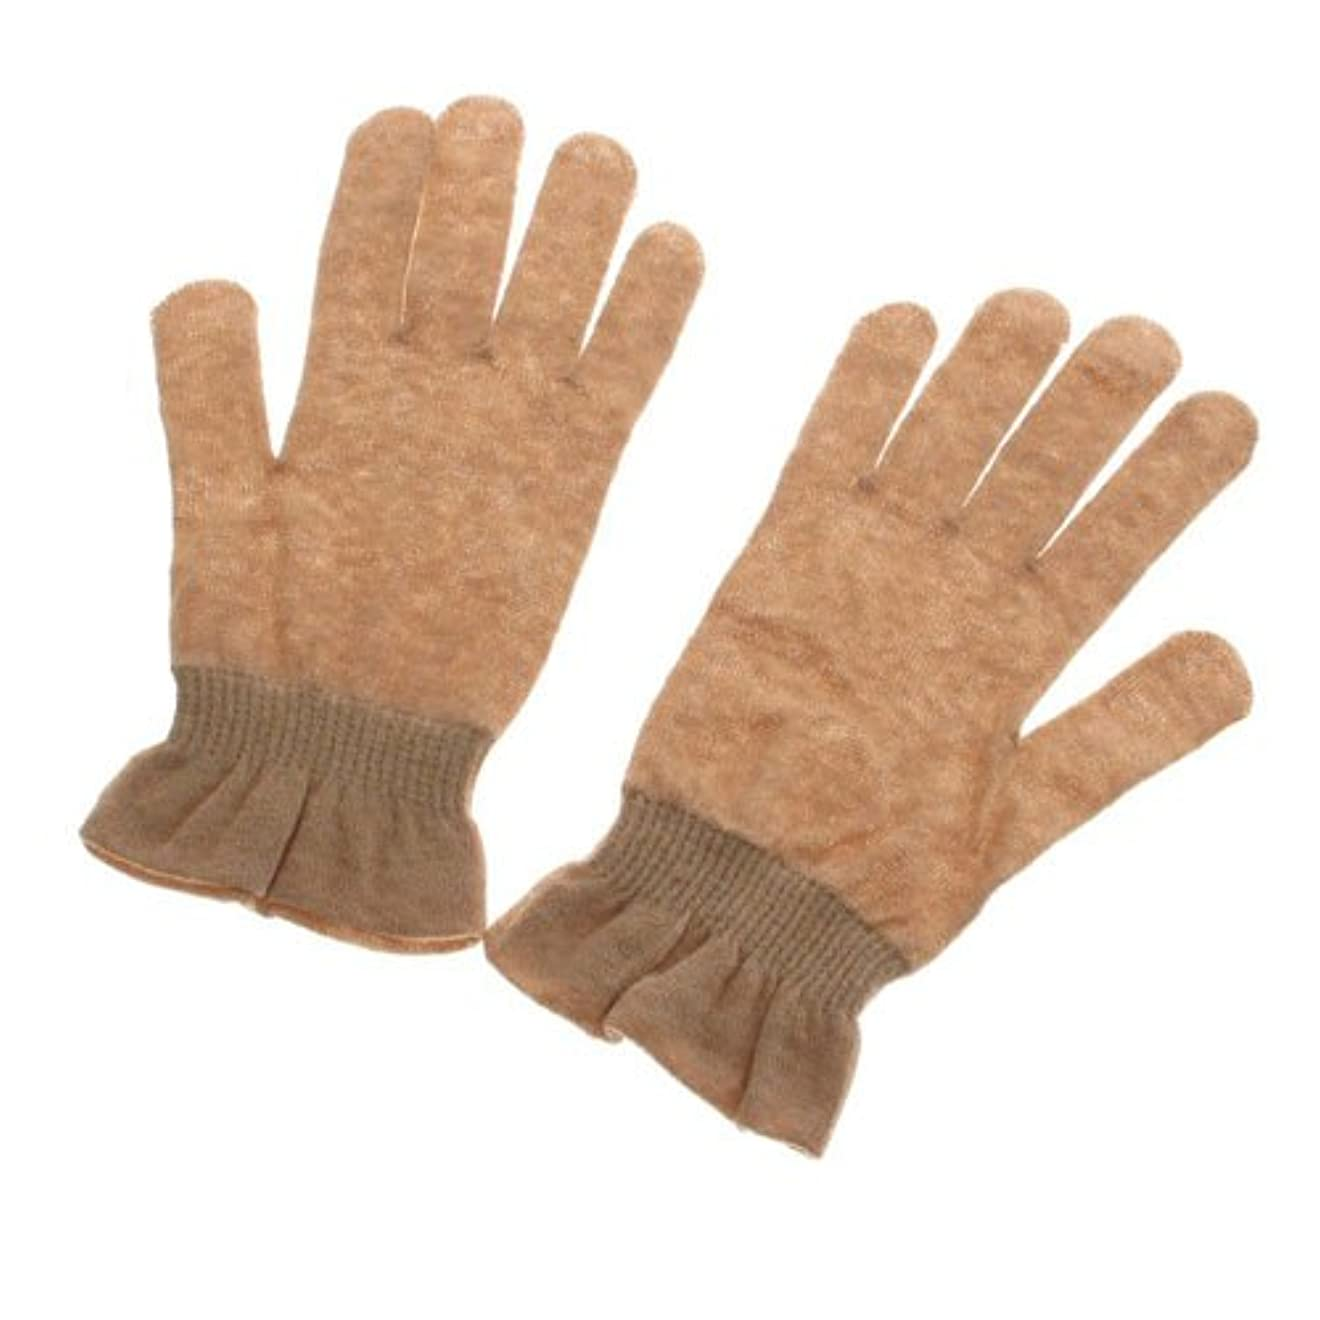 太字気まぐれなホテルオーガニックコットン天衣無縫 UVカット手袋?エステ ブラウン フリー